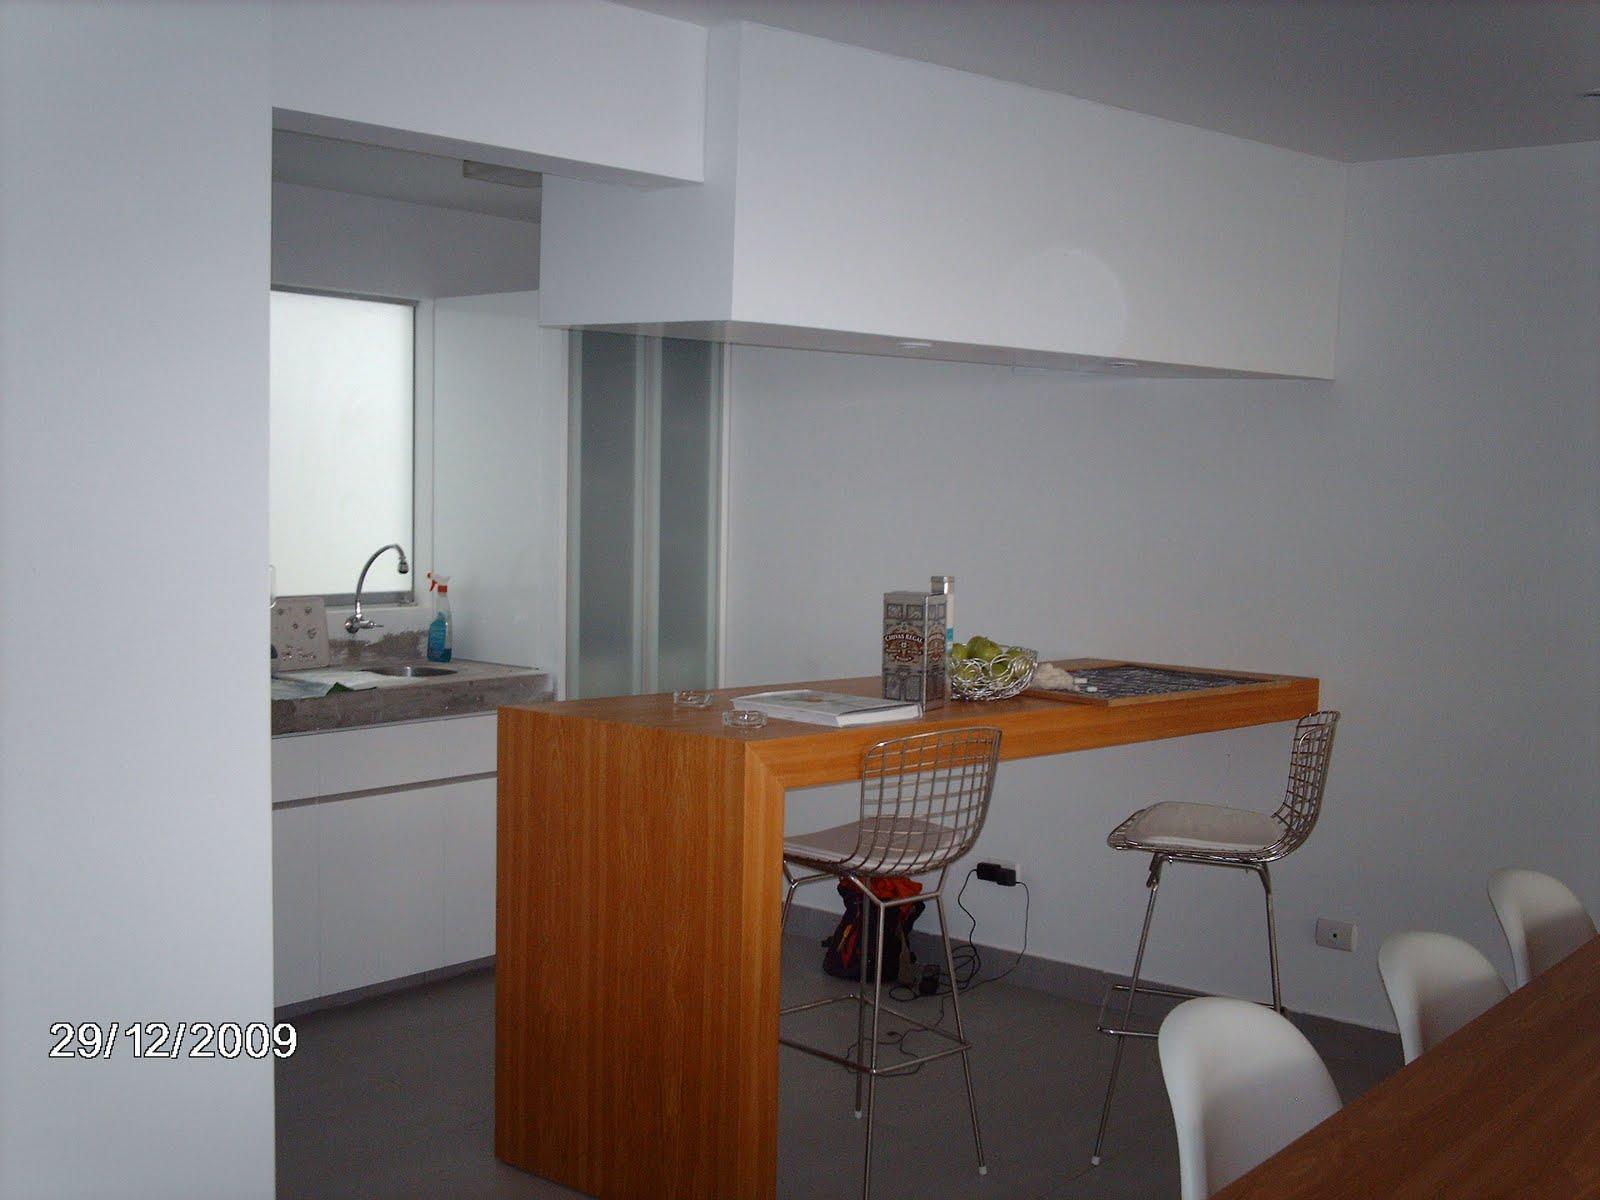 Studio de dise o krean 2 dise o y fabricacion de muebles for Fabricacion muebles de cocina